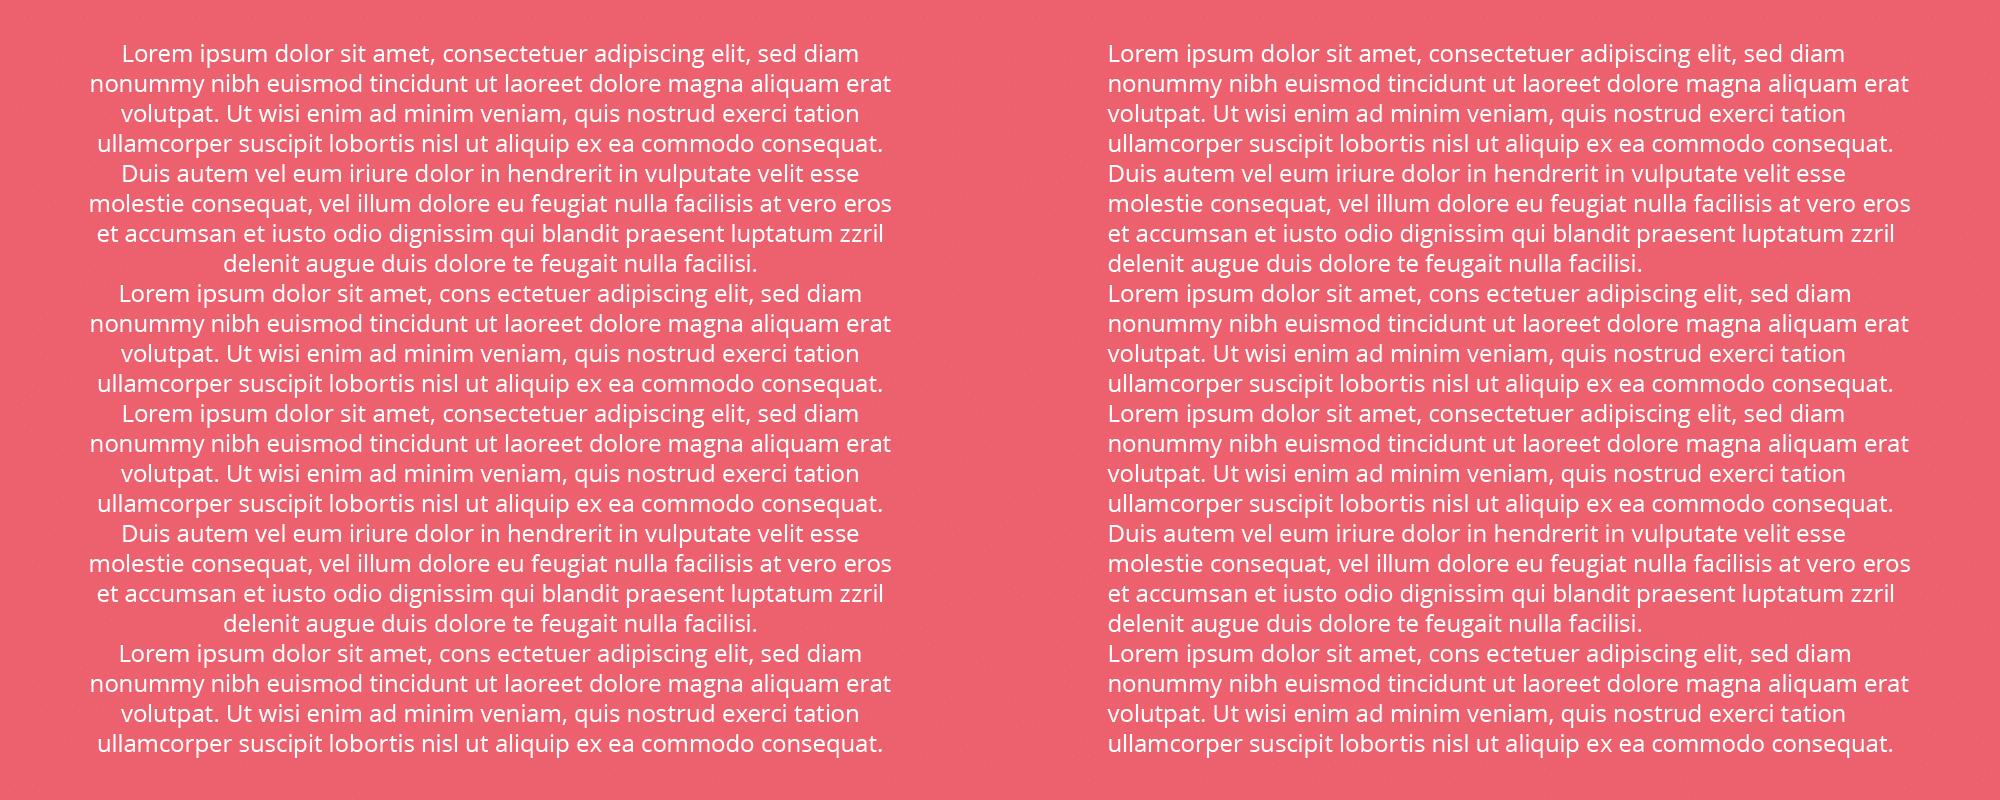 veel voorkomende typografie fout - gecentreerde tekst